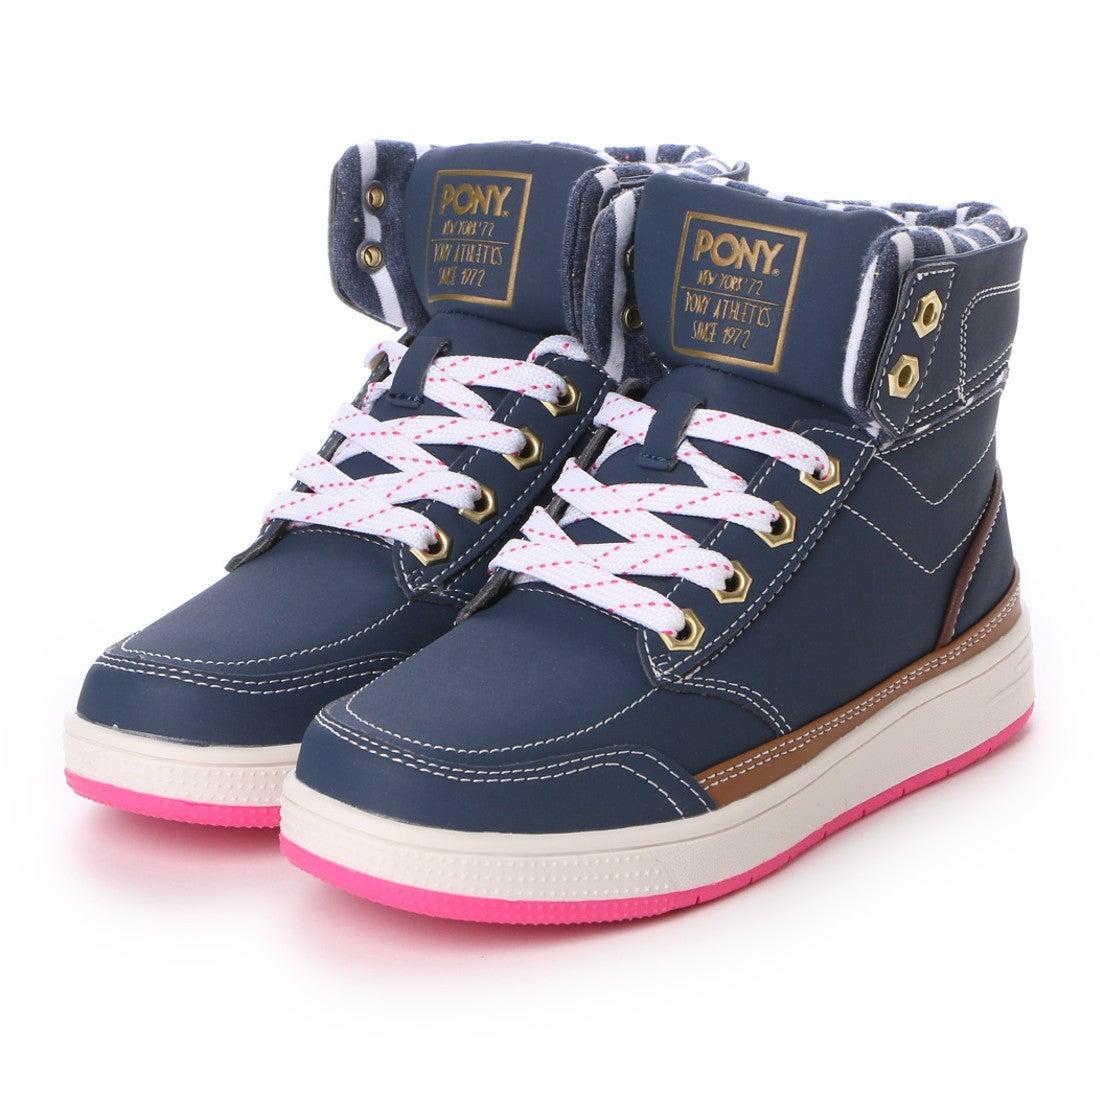 ポニー PONY レディース 短靴 PY,9597 5090 ,靴とファッションの通販サイト ロコンド